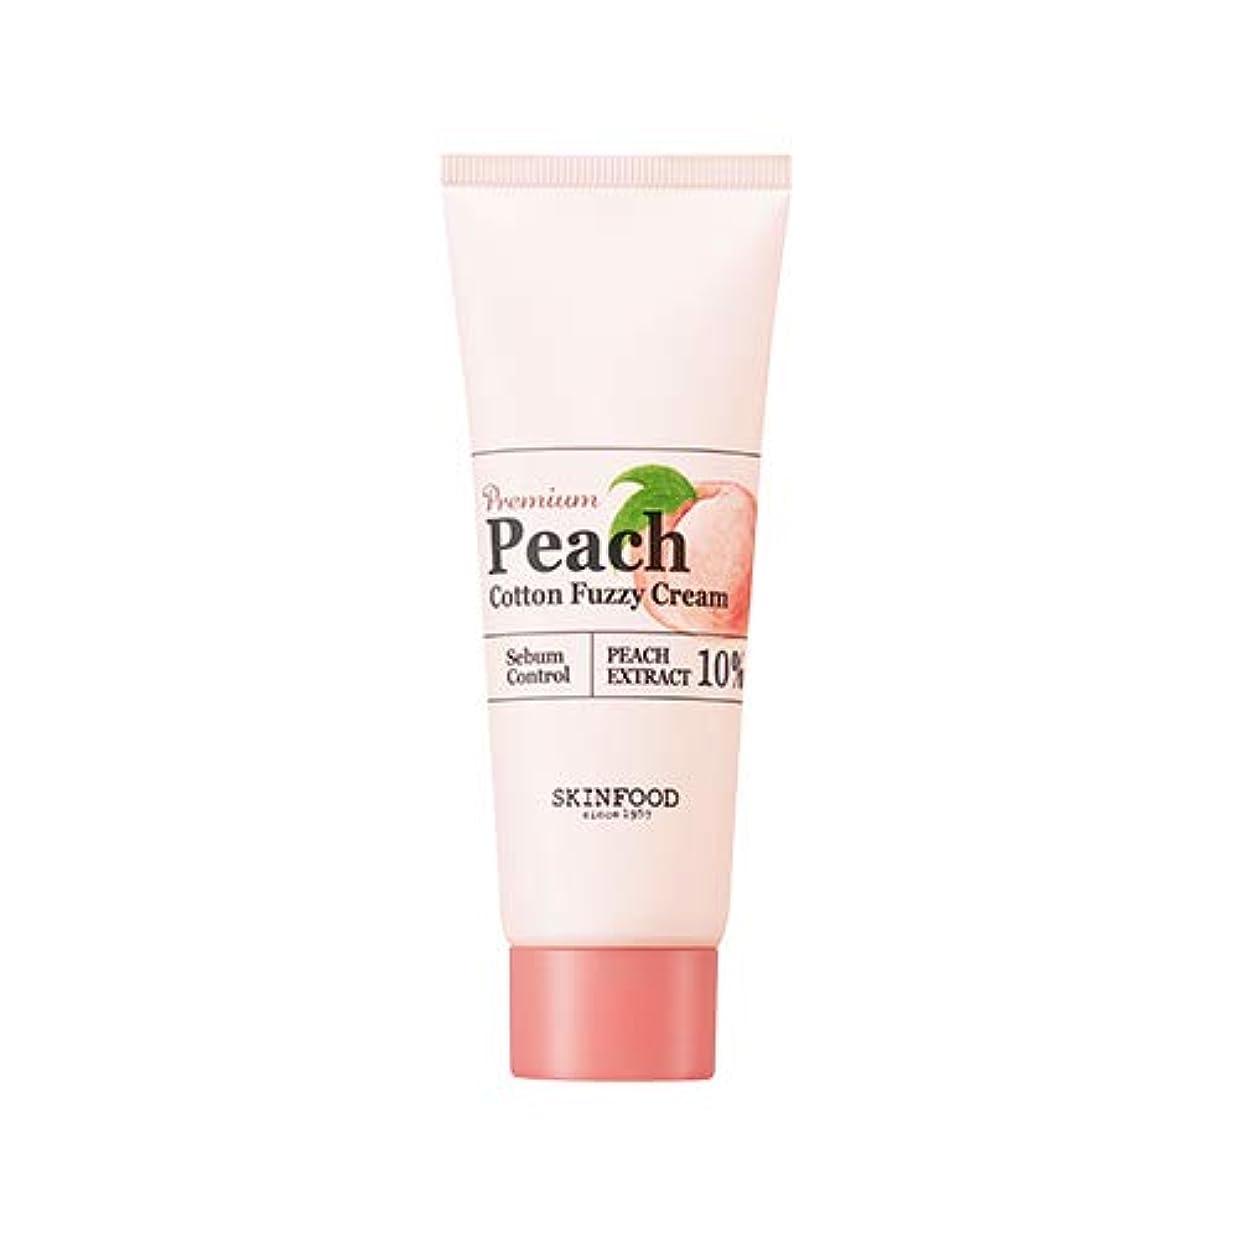 拡張両方処方するSkinfood プレミアムピーチコットンファジークリーム/Premium Peach Cotton Fuzzy Cream 65ml [並行輸入品]